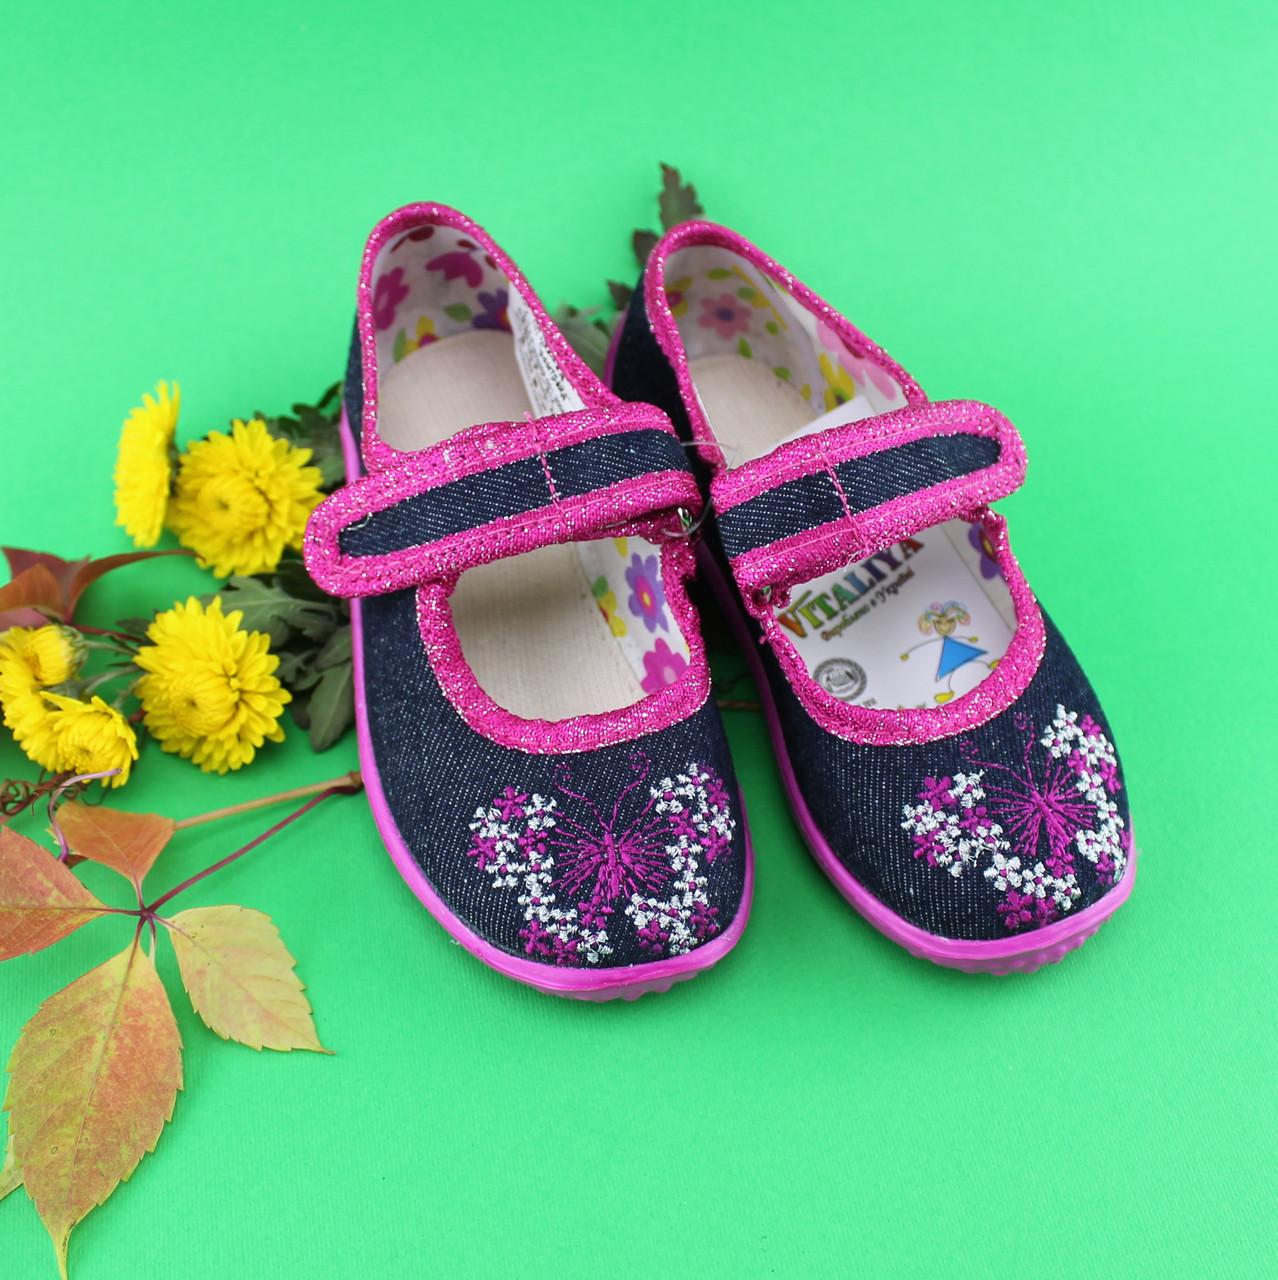 Тапочки в садик на девочку мальчик текстильная обувь Vitaliya Виталия Украина размеры с 23 по 27, фото 1